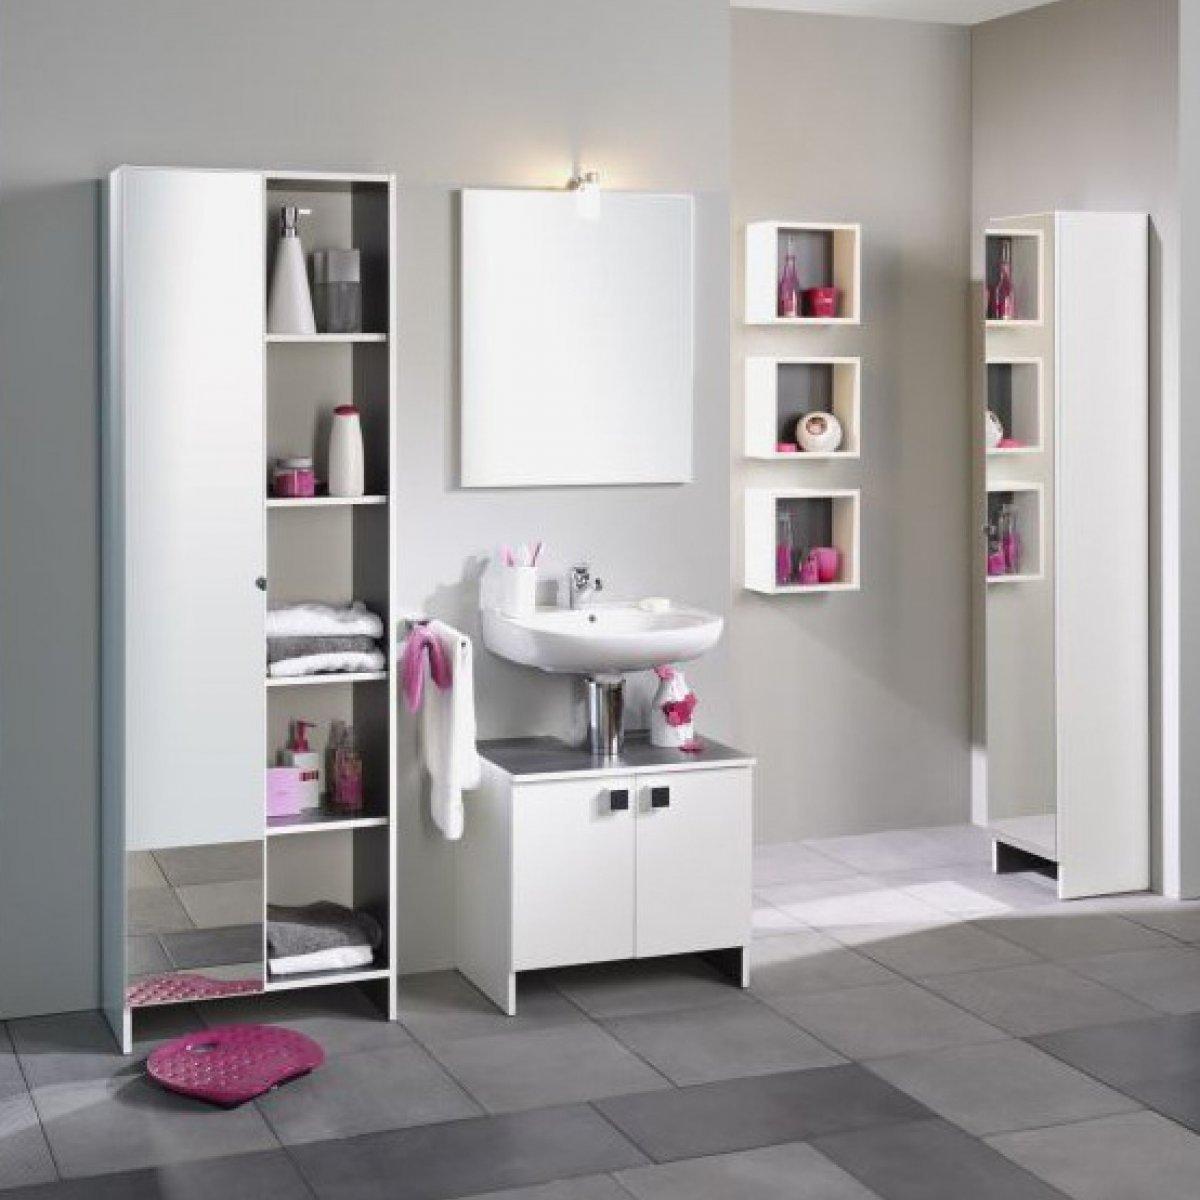 Έπιπλα μπάνιου | Mymegamarket.gr